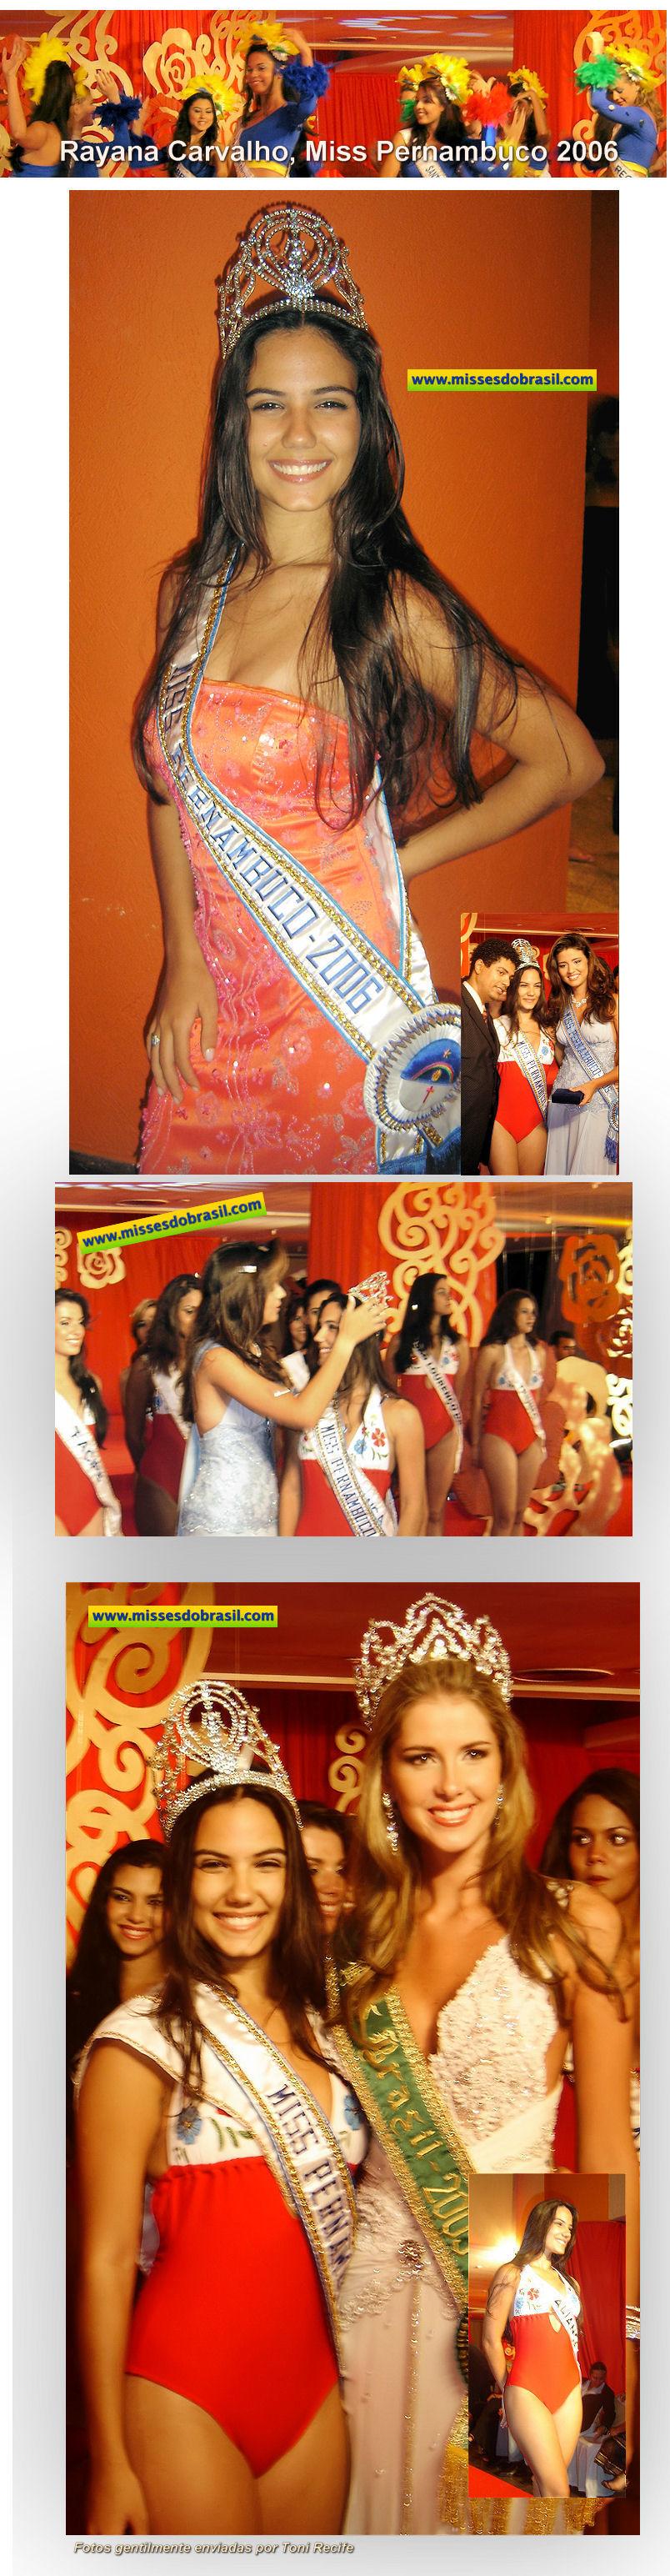 rayana carvalho, miss pernambuco 2006. Ix3yho9d